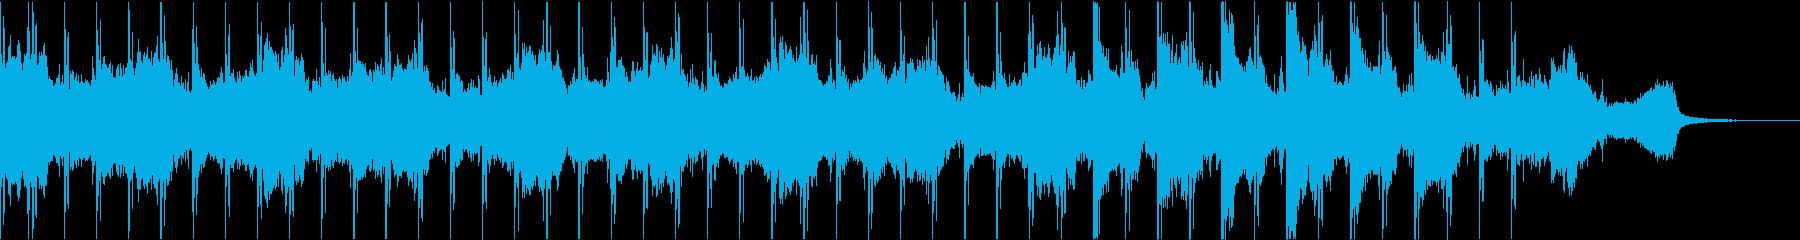 ノスタルジックなイメージのアンビエントの再生済みの波形